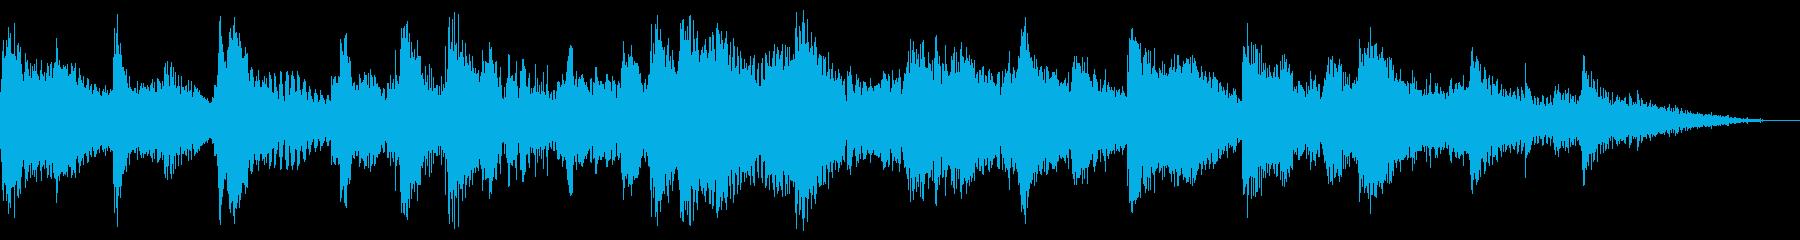 【ジングル】ゆったりとした中国風ジングルの再生済みの波形